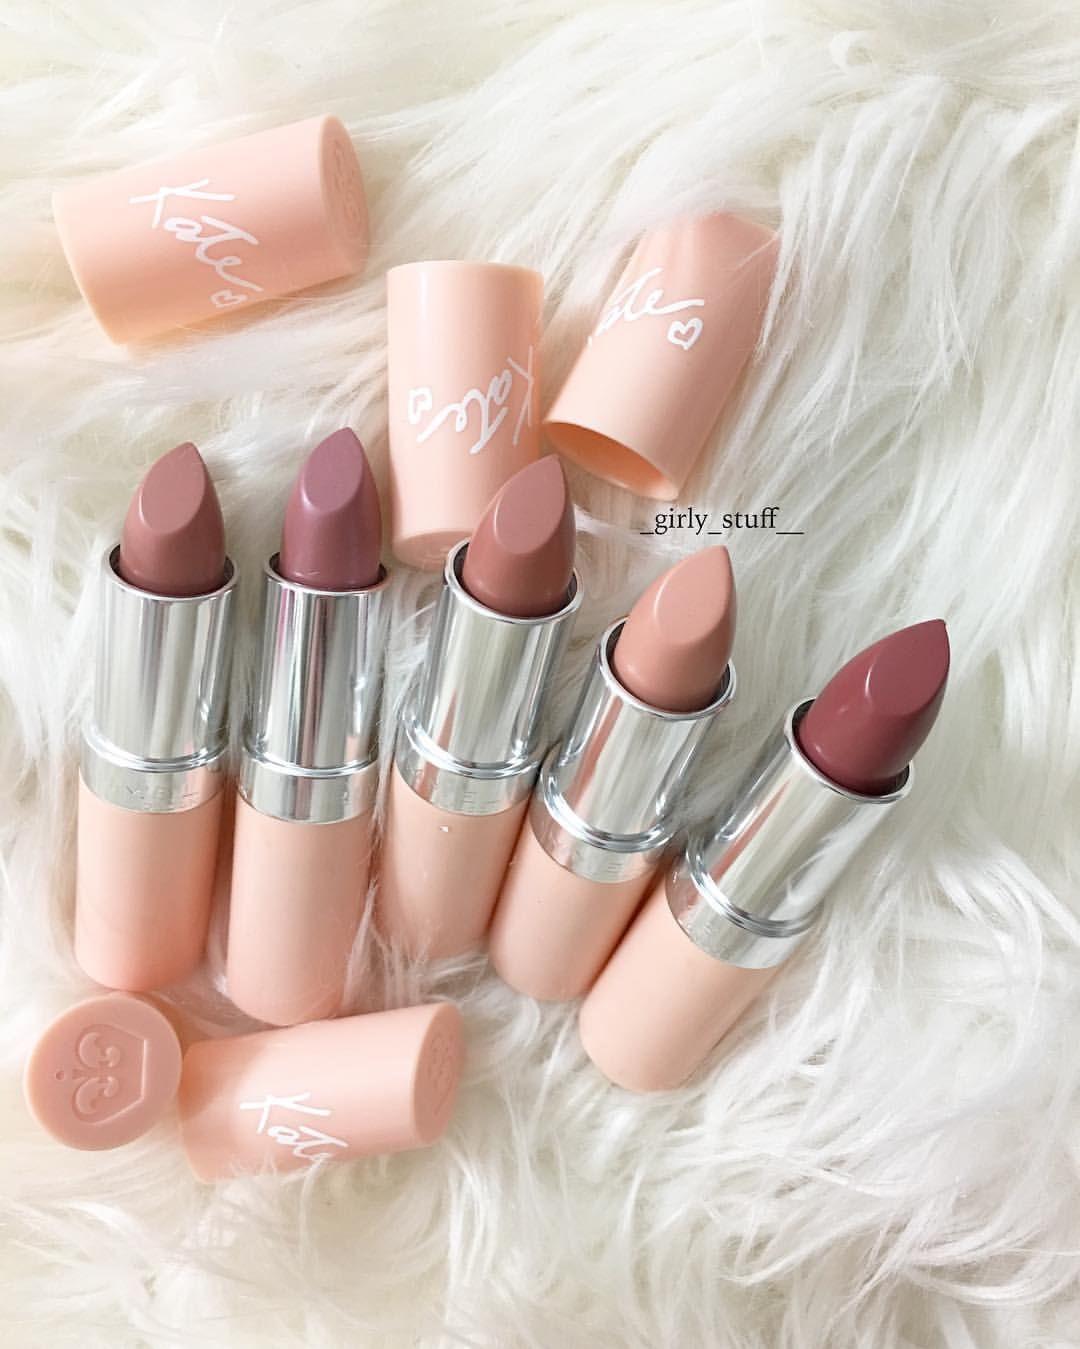 Pin By Zehrajimin On Ruj Beauty Makeup Skin Makeup Makeup